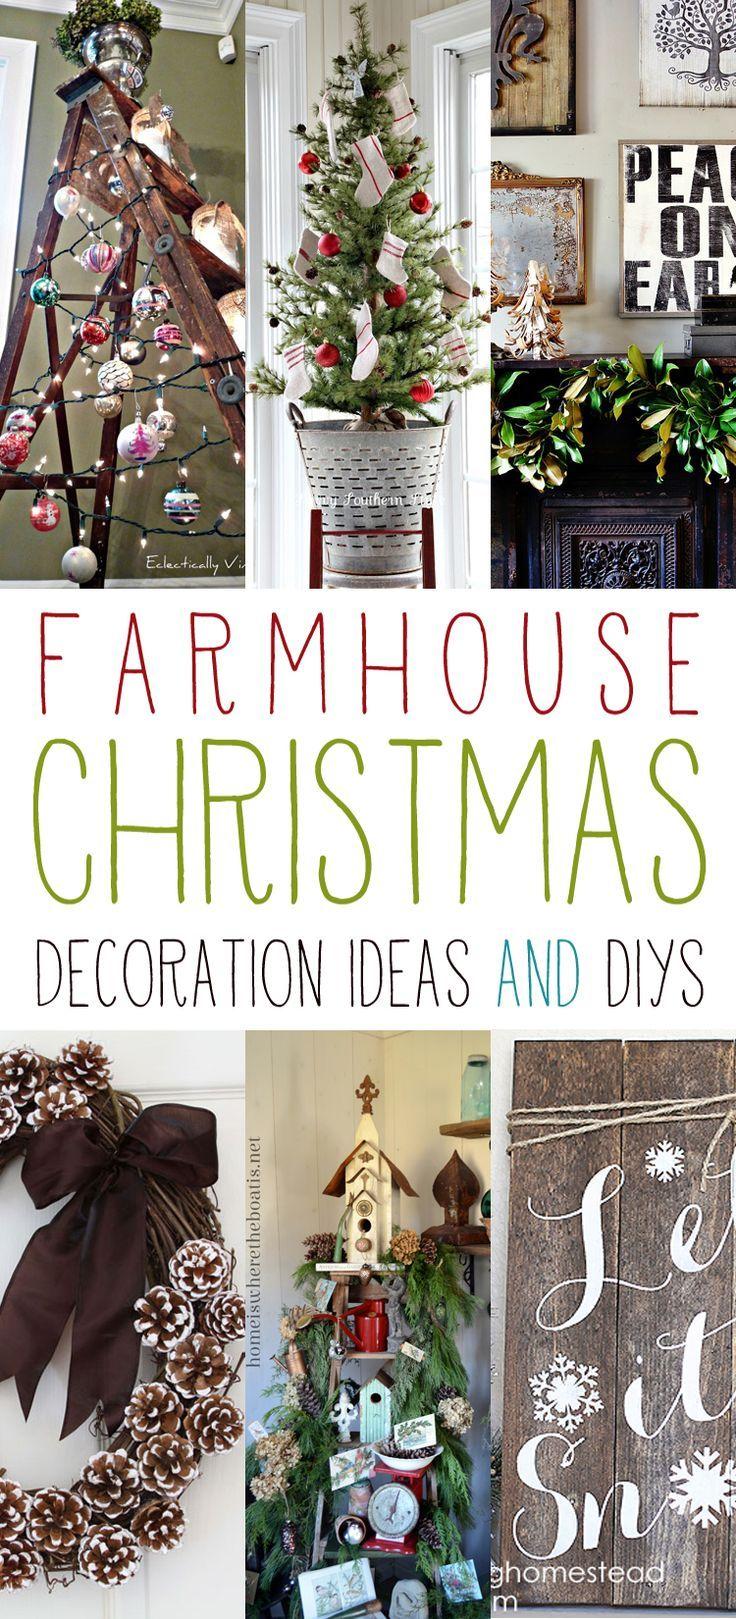 Farmhouse Christmas Decoration Ideas and DIYs Christmas